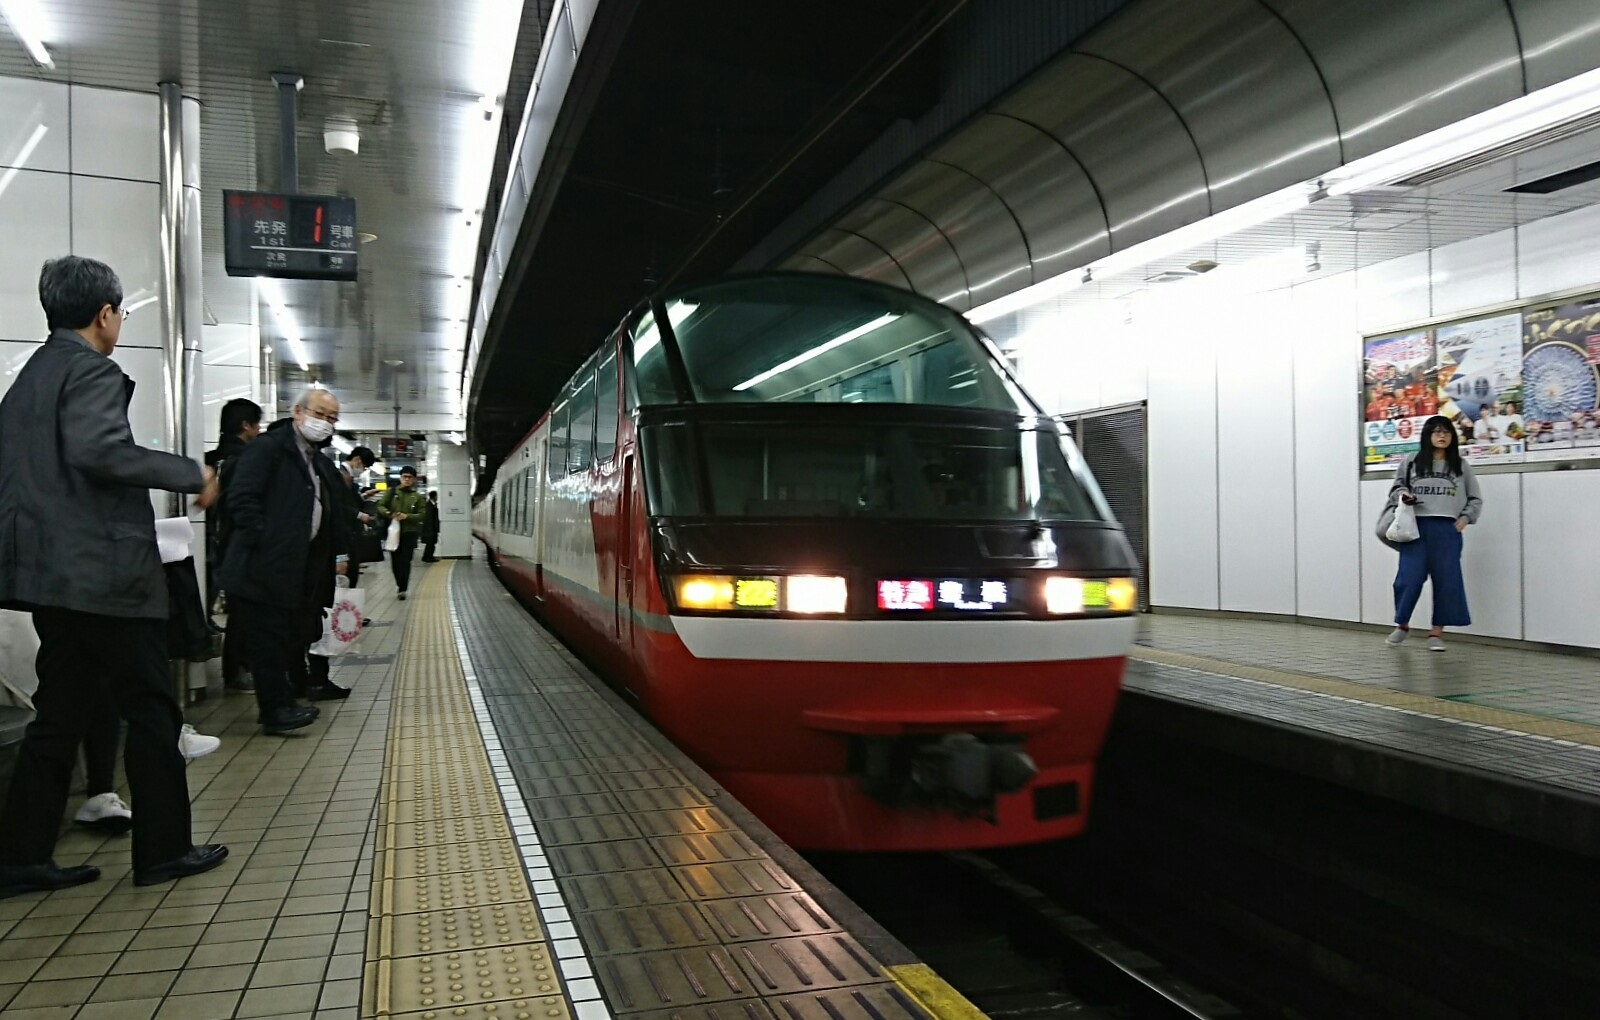 2018.3.14 名古屋 (23) 名古屋 - 豊橋いき特急 1600-1020